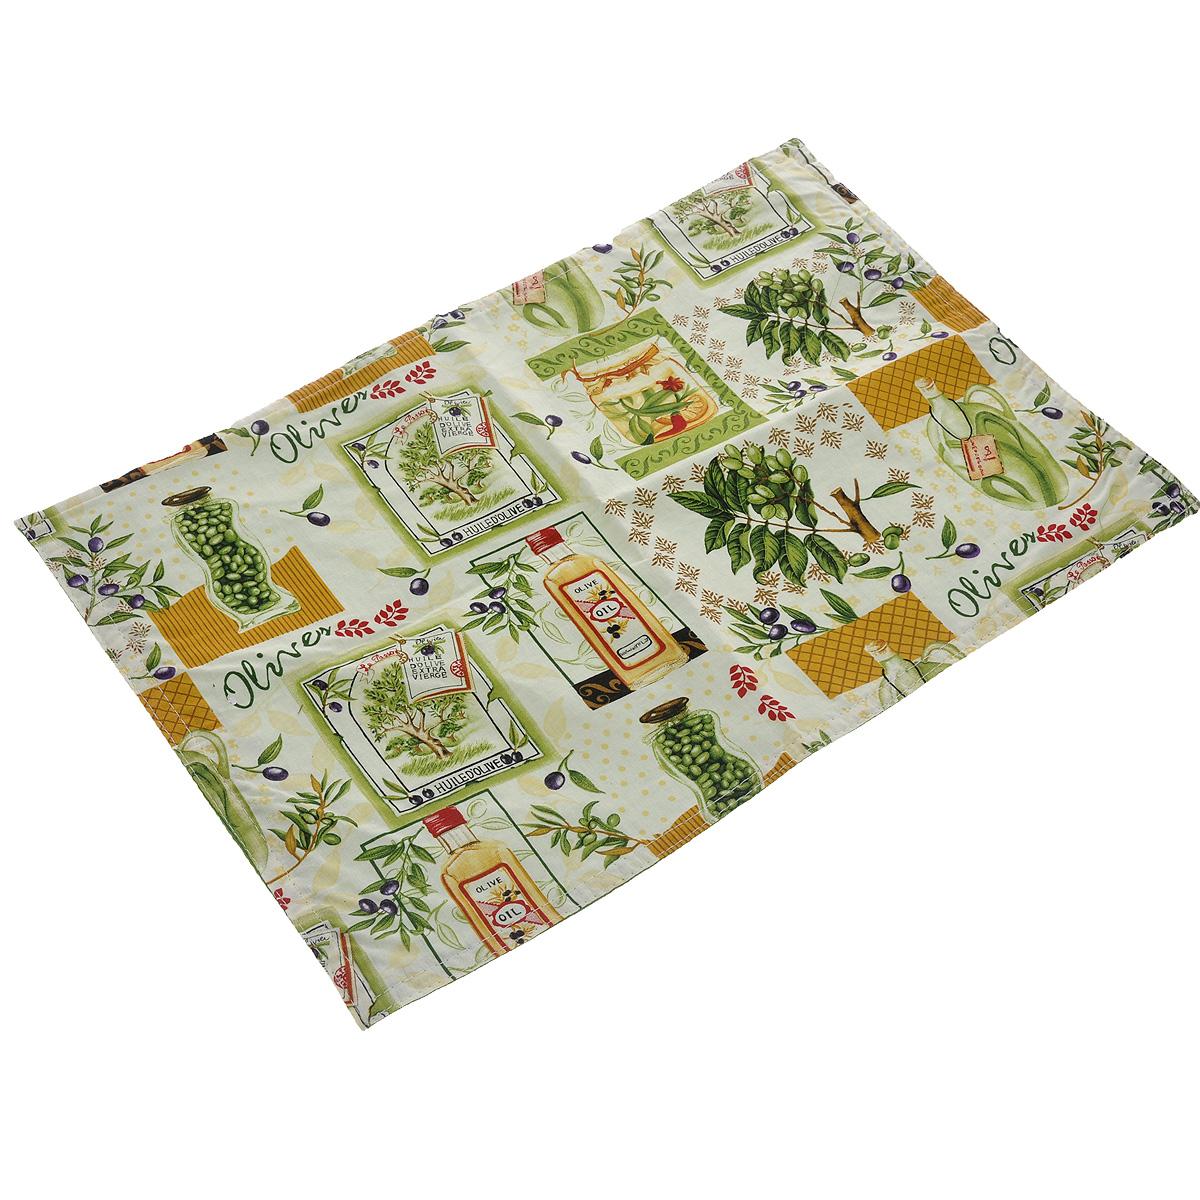 Салфетка LaSella, цвет: зеленый, желтый, белый, 45 х 30 см PM034B18PM034B18(F9697)Прямоугольная салфетка LaSella выполнена из высококачественного хлопка и украшена рисунком. Салфетка может использоваться для декорирования стола, комода, журнального столика. В любом случае она добавит в ваш дом стиля, изысканности и неповторимости и убережет мебель от царапин и потертостей.